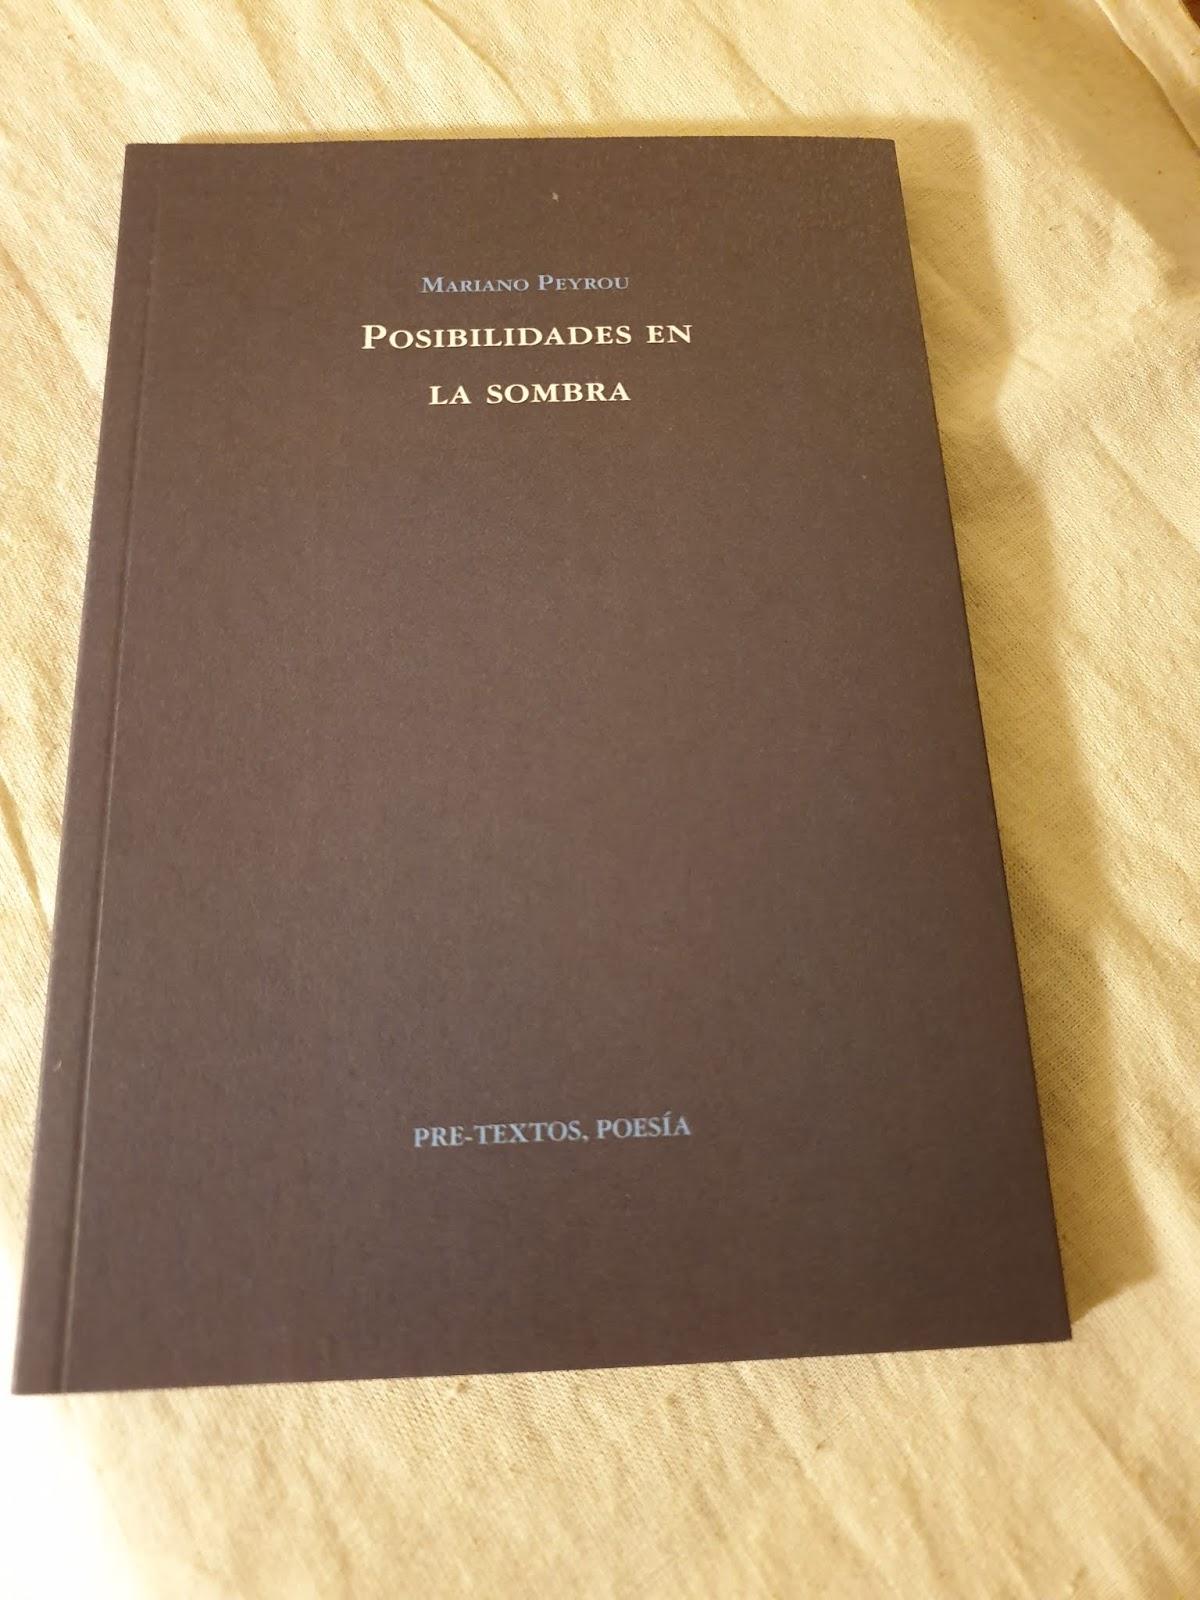 Poemario de Mariano Peyrou